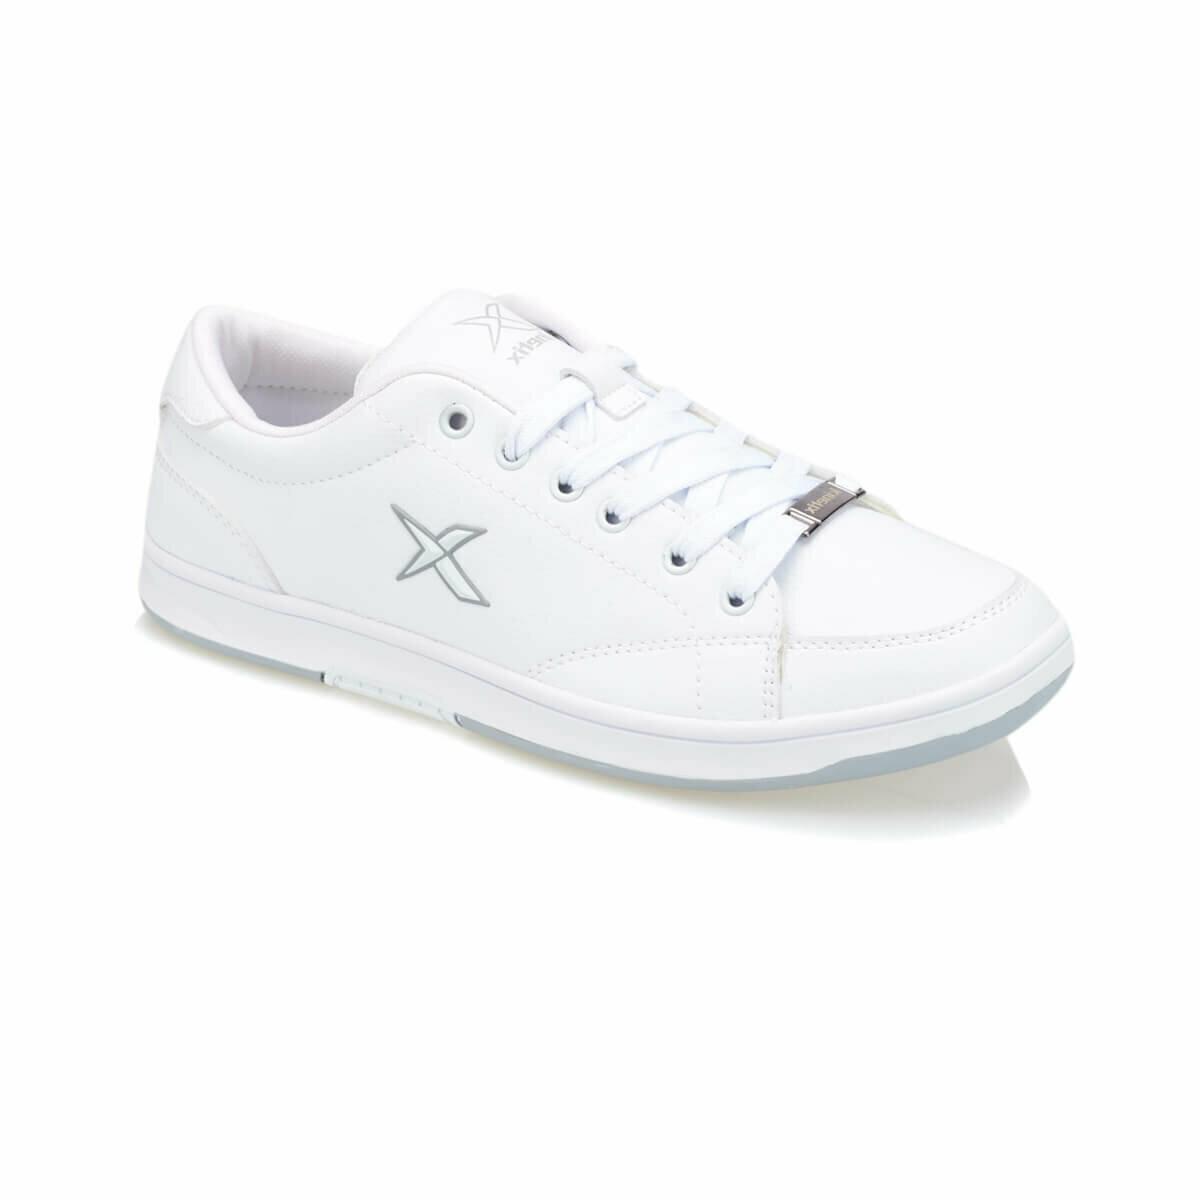 FLO HERBERT W Black Women 'S Sneaker Shoes KINETIX